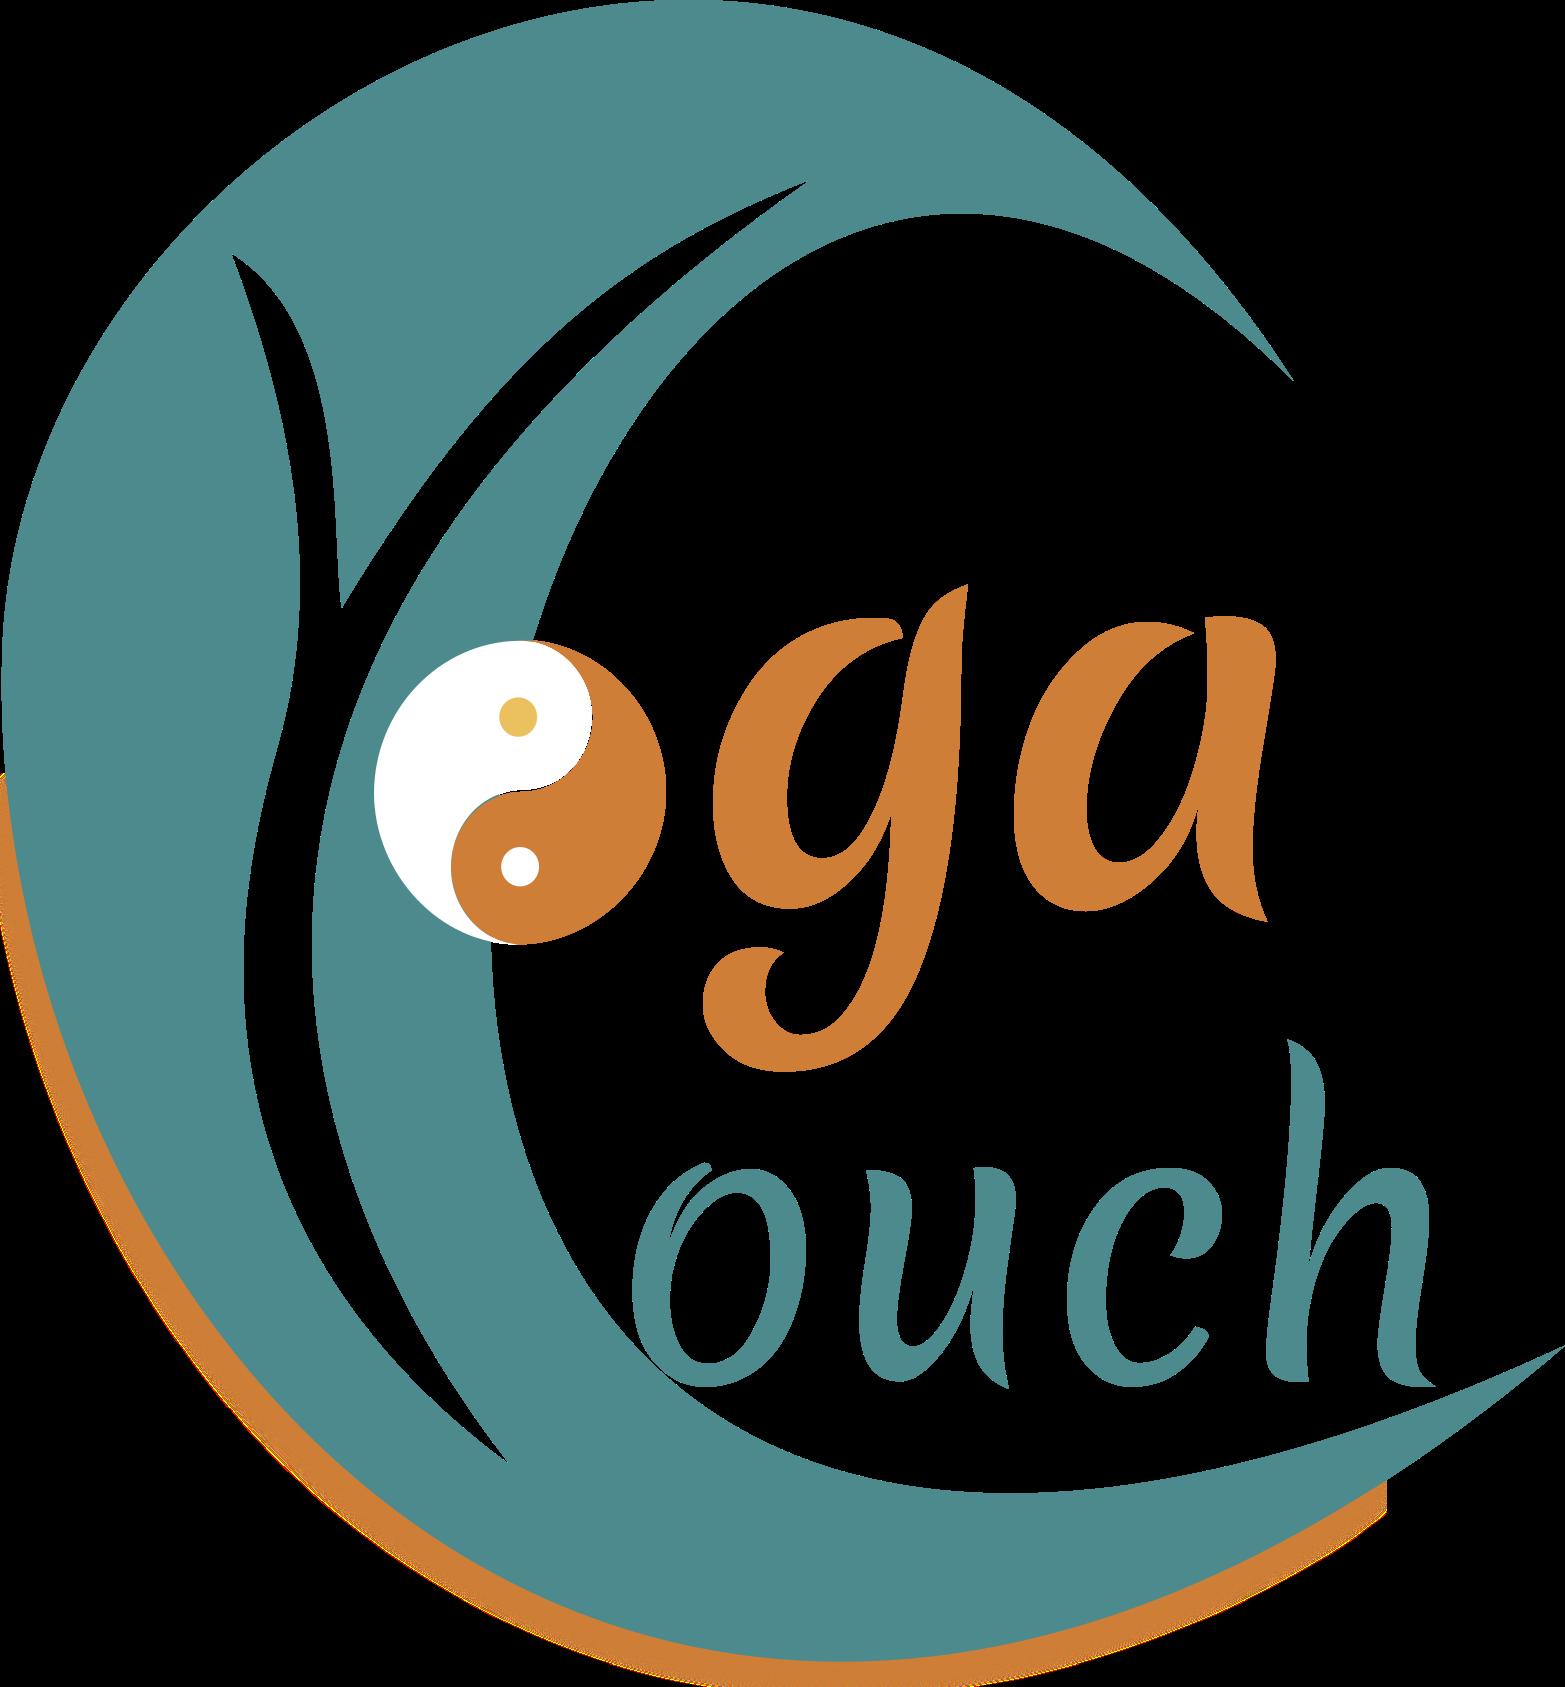 Das Logo von Yogacouch zeigt eine Welle, die gleichzeitig das C von Couch ist. Im inneren der Welle ist ein Y für Yoga. Das O von Yoga ist das Yin Yang Zeichen